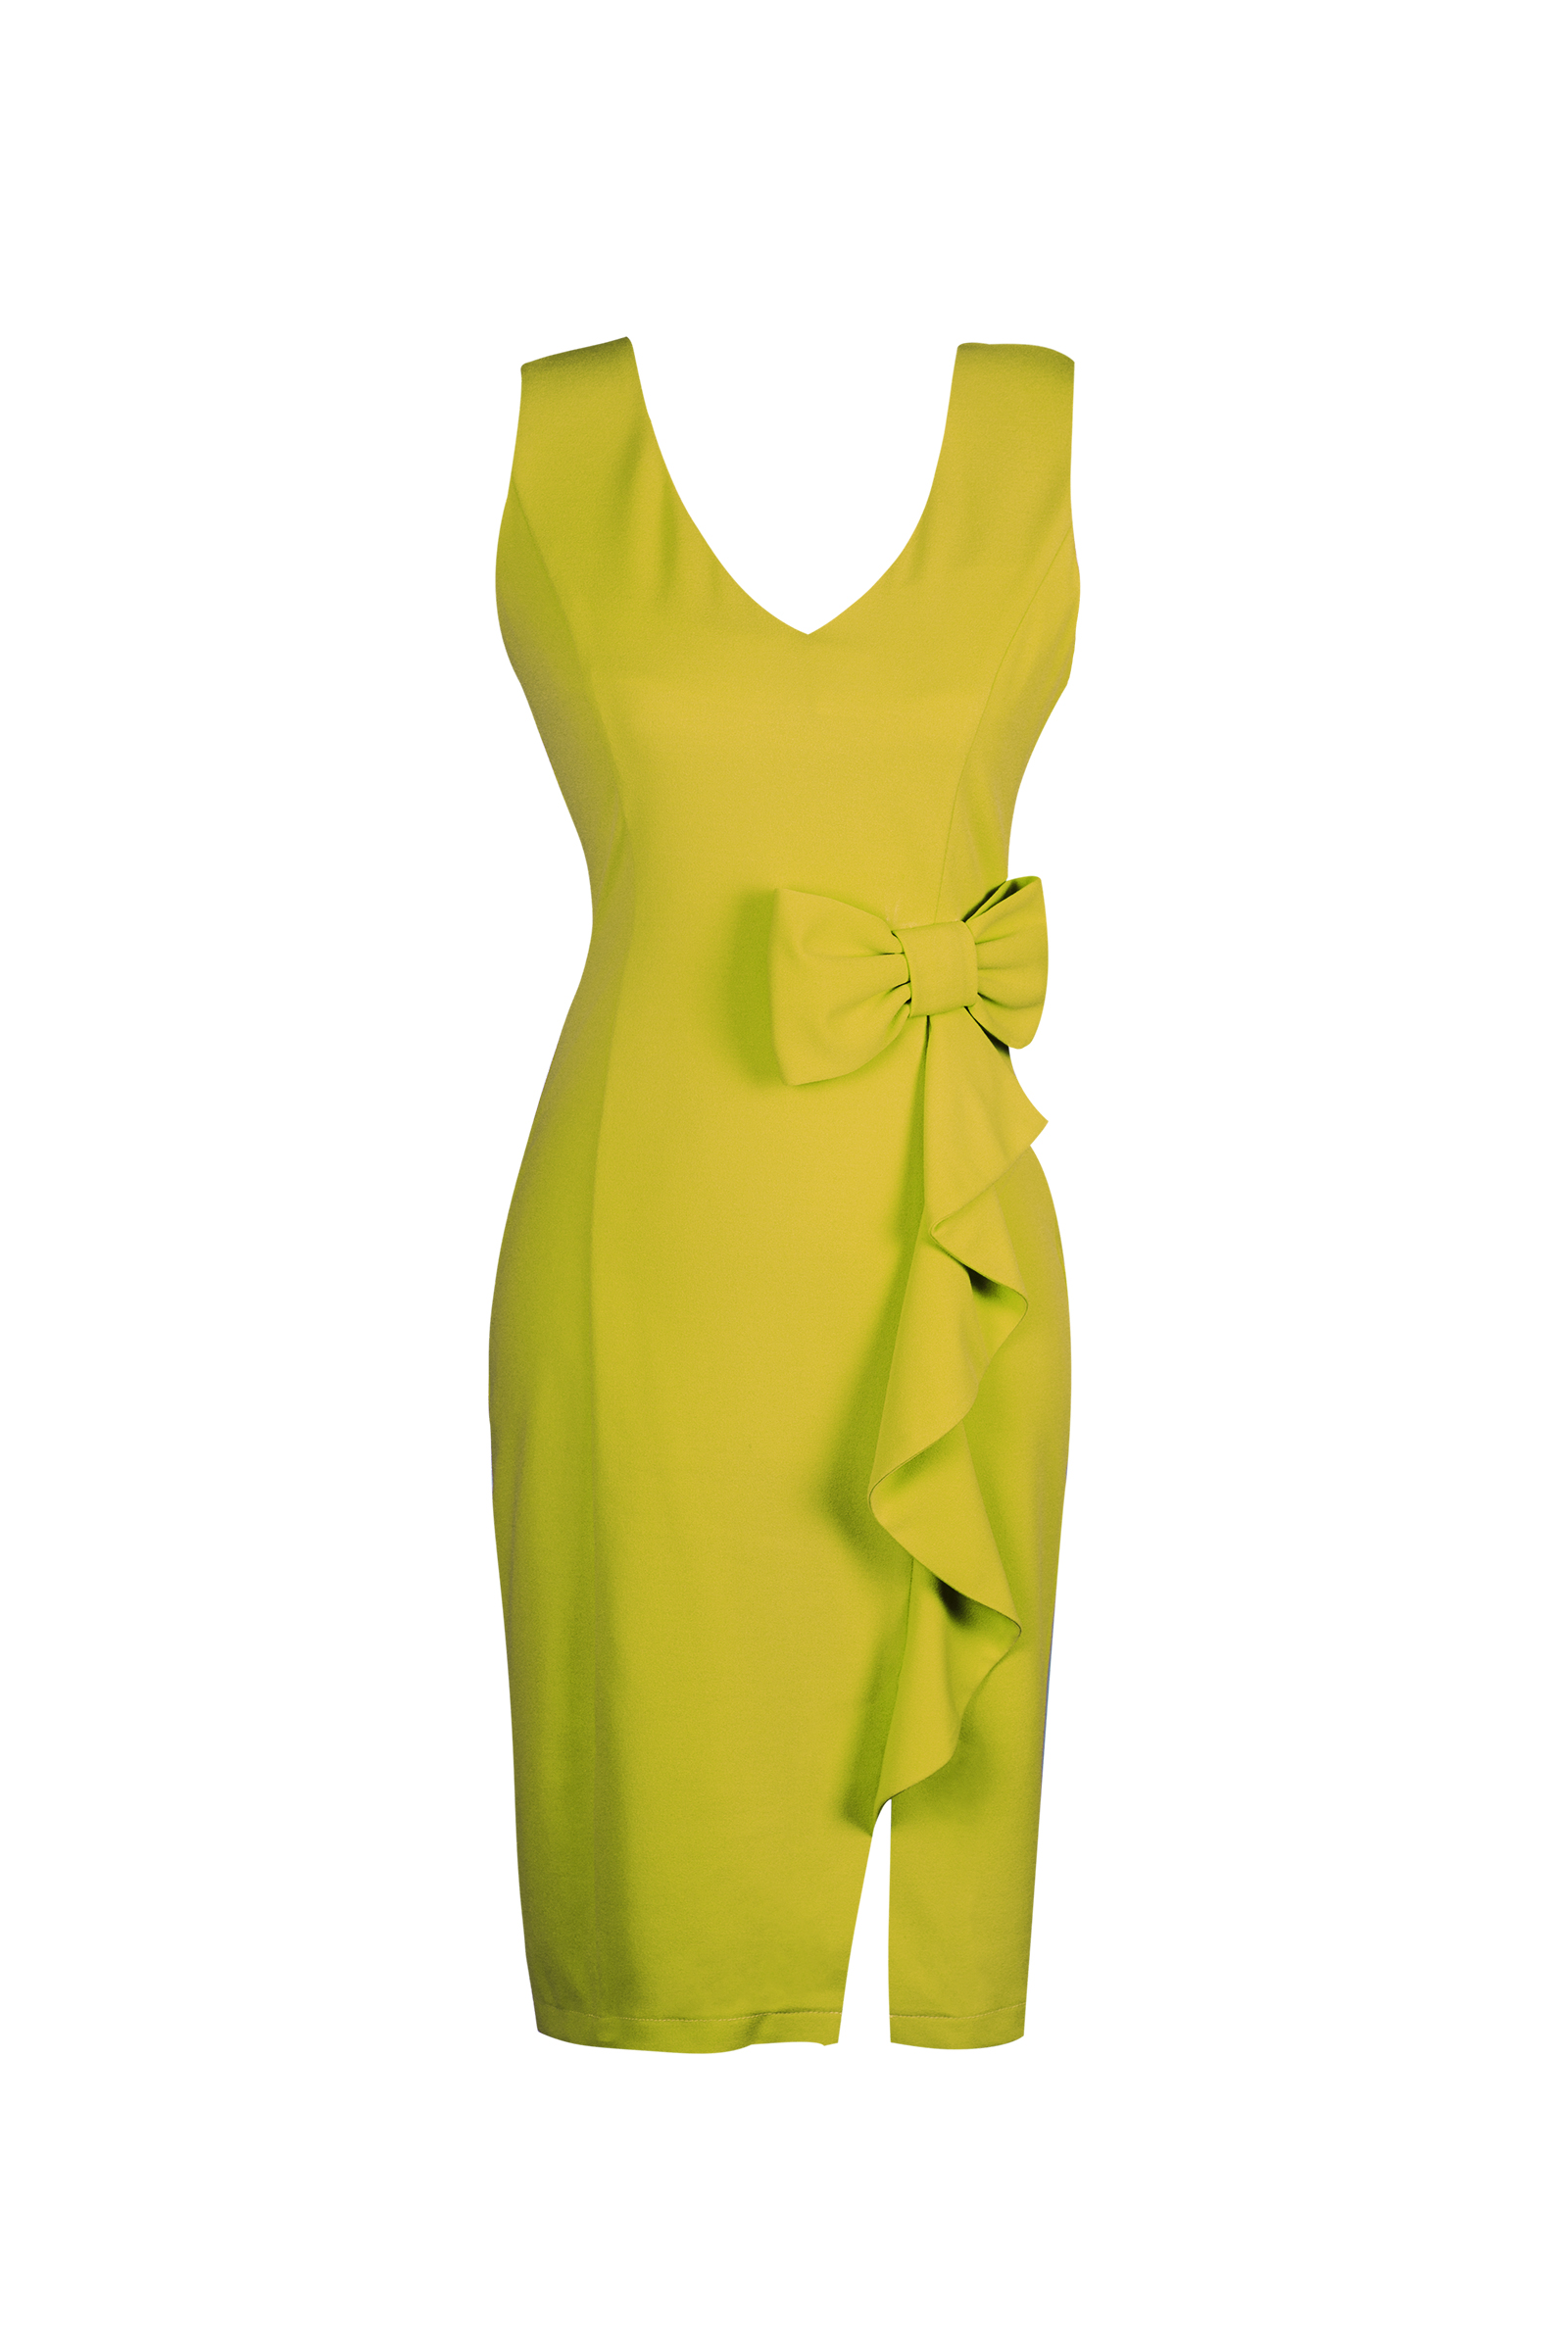 Teria Yabar - Vestido ajustado en color mostaza